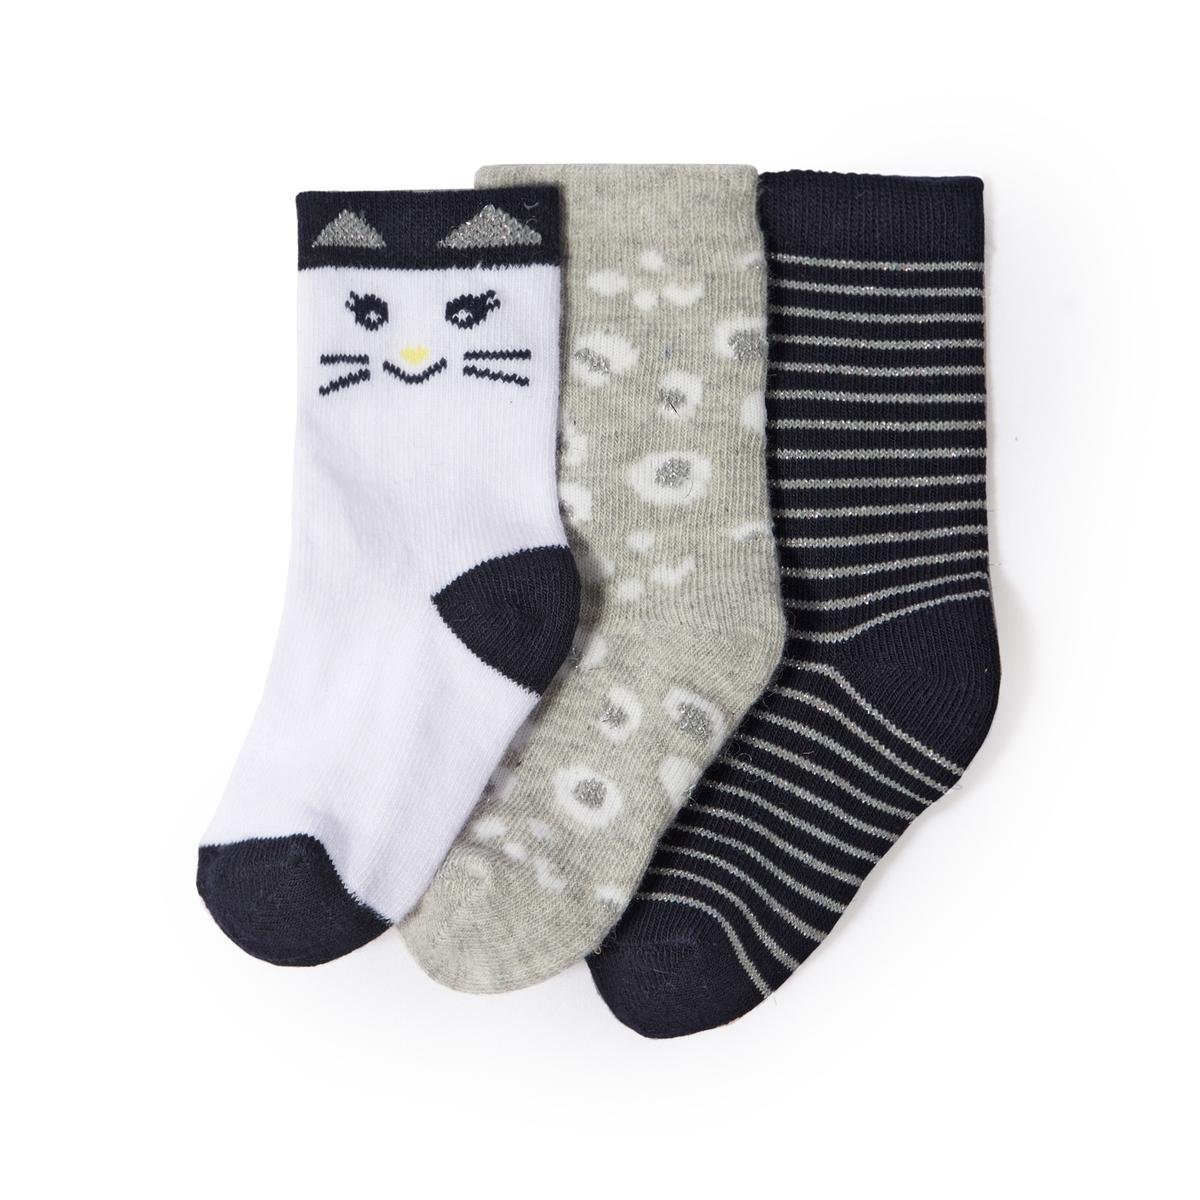 3 пары носков с рисунком кошка 1 мес - 3 лет 3 пары оригинальных носков